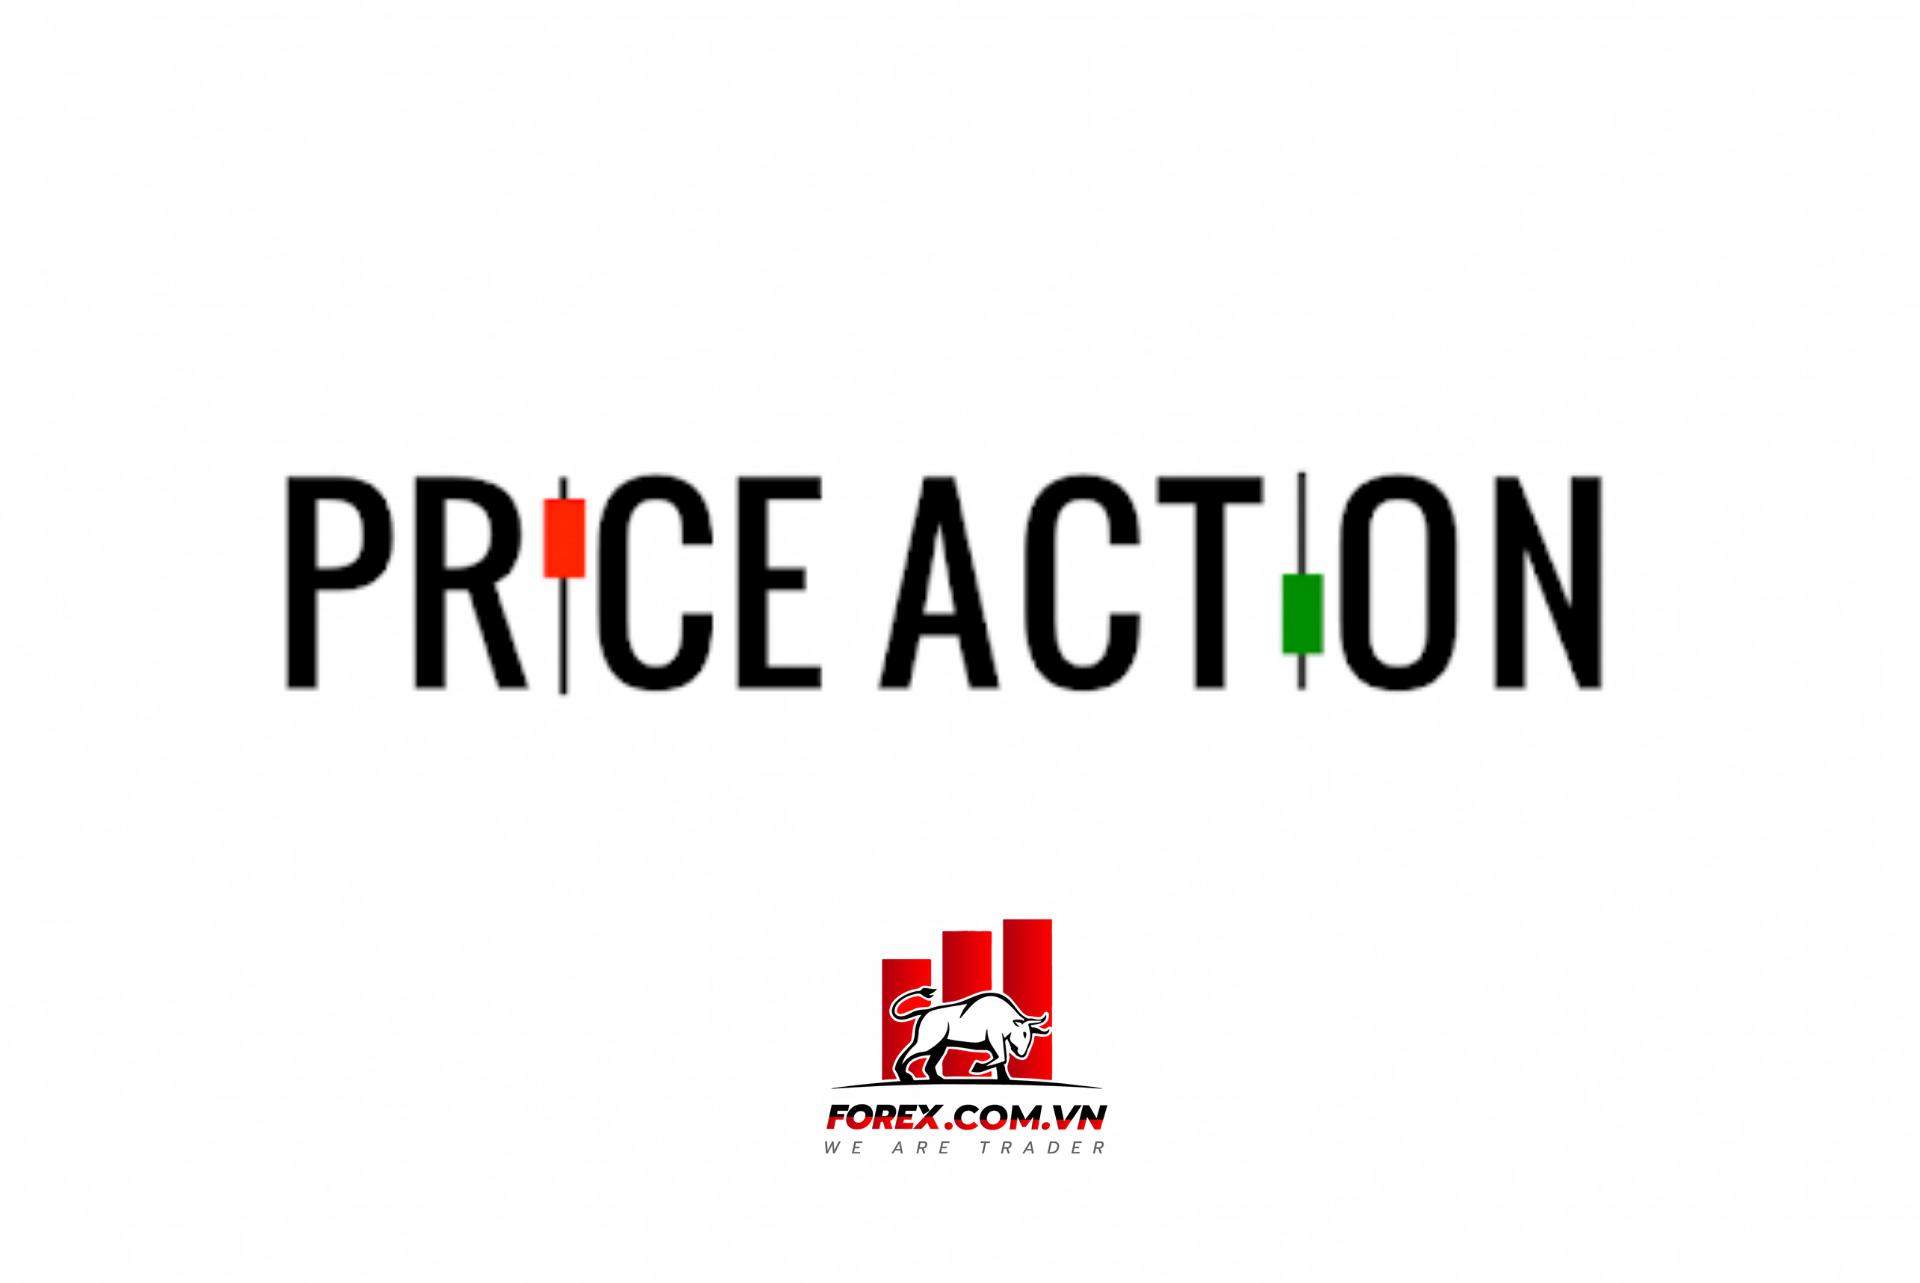 tự học price action